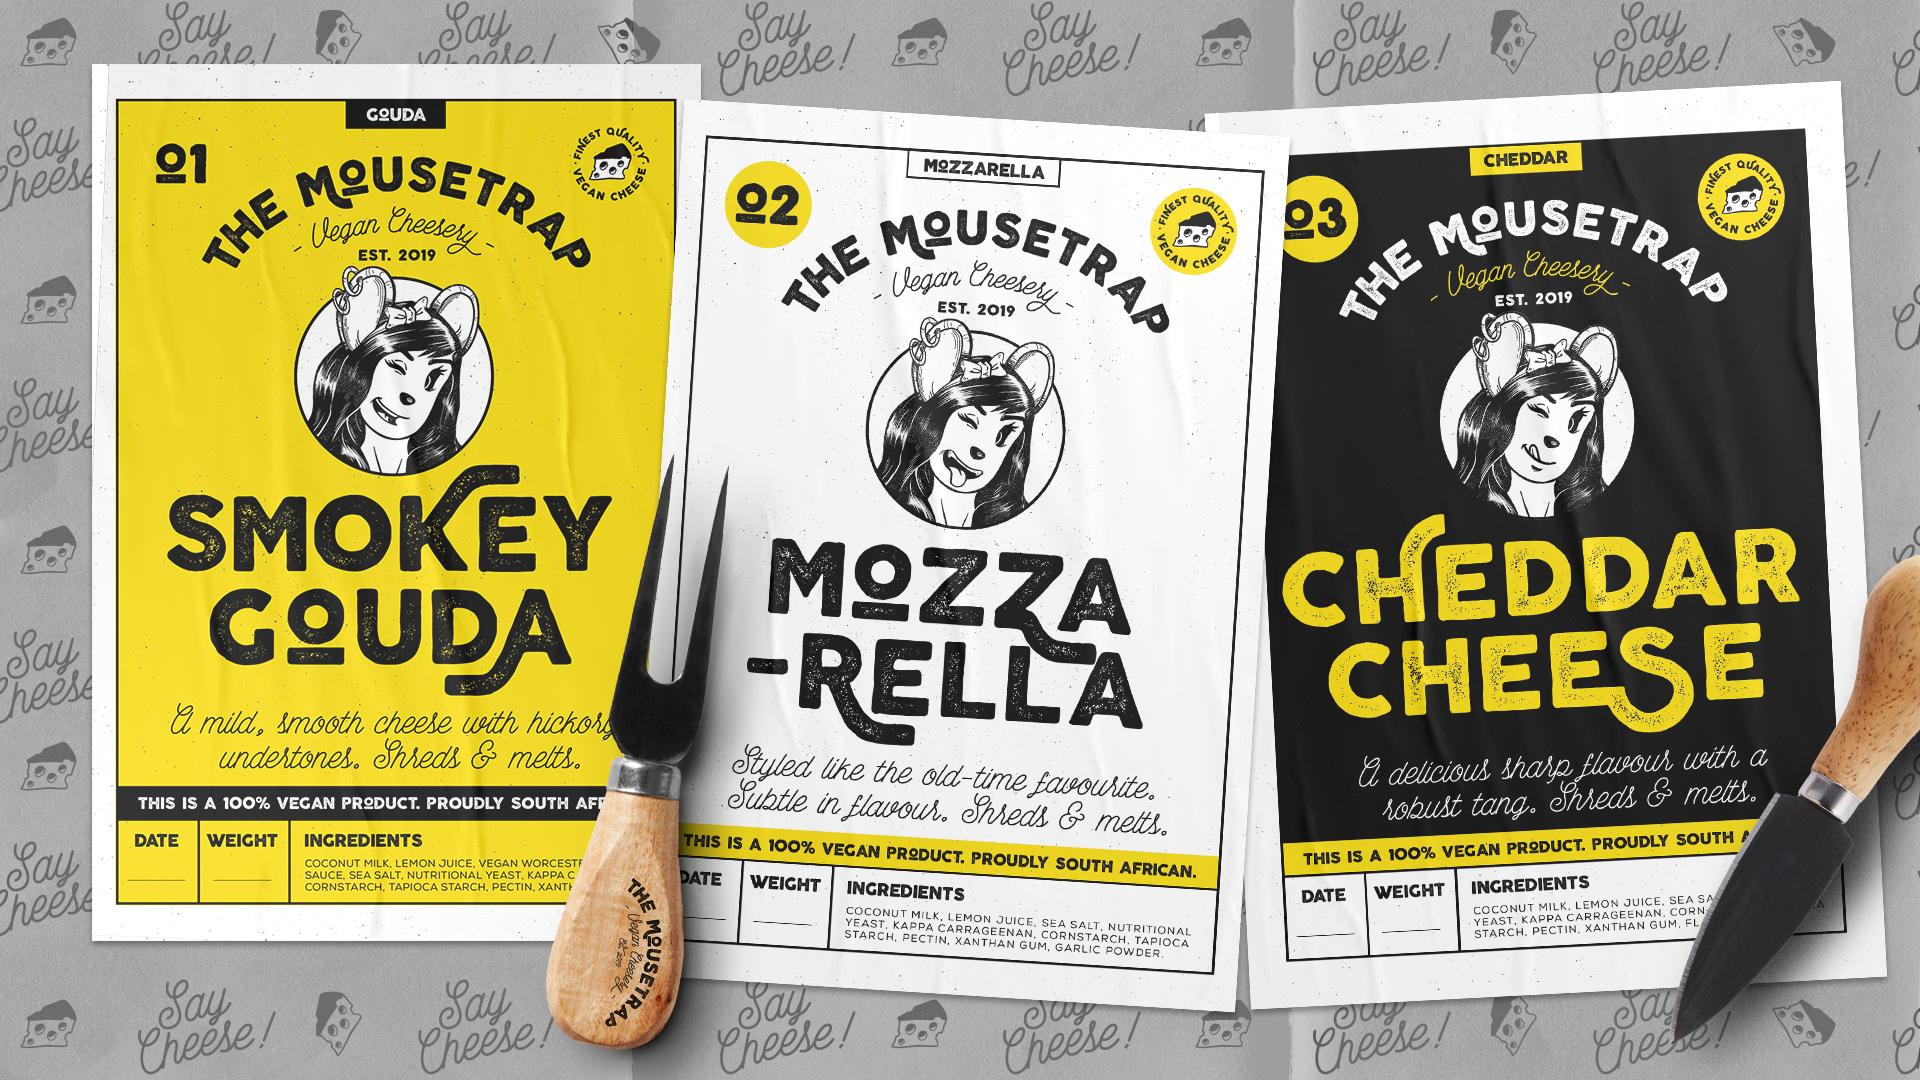 The Mousetrap label designs